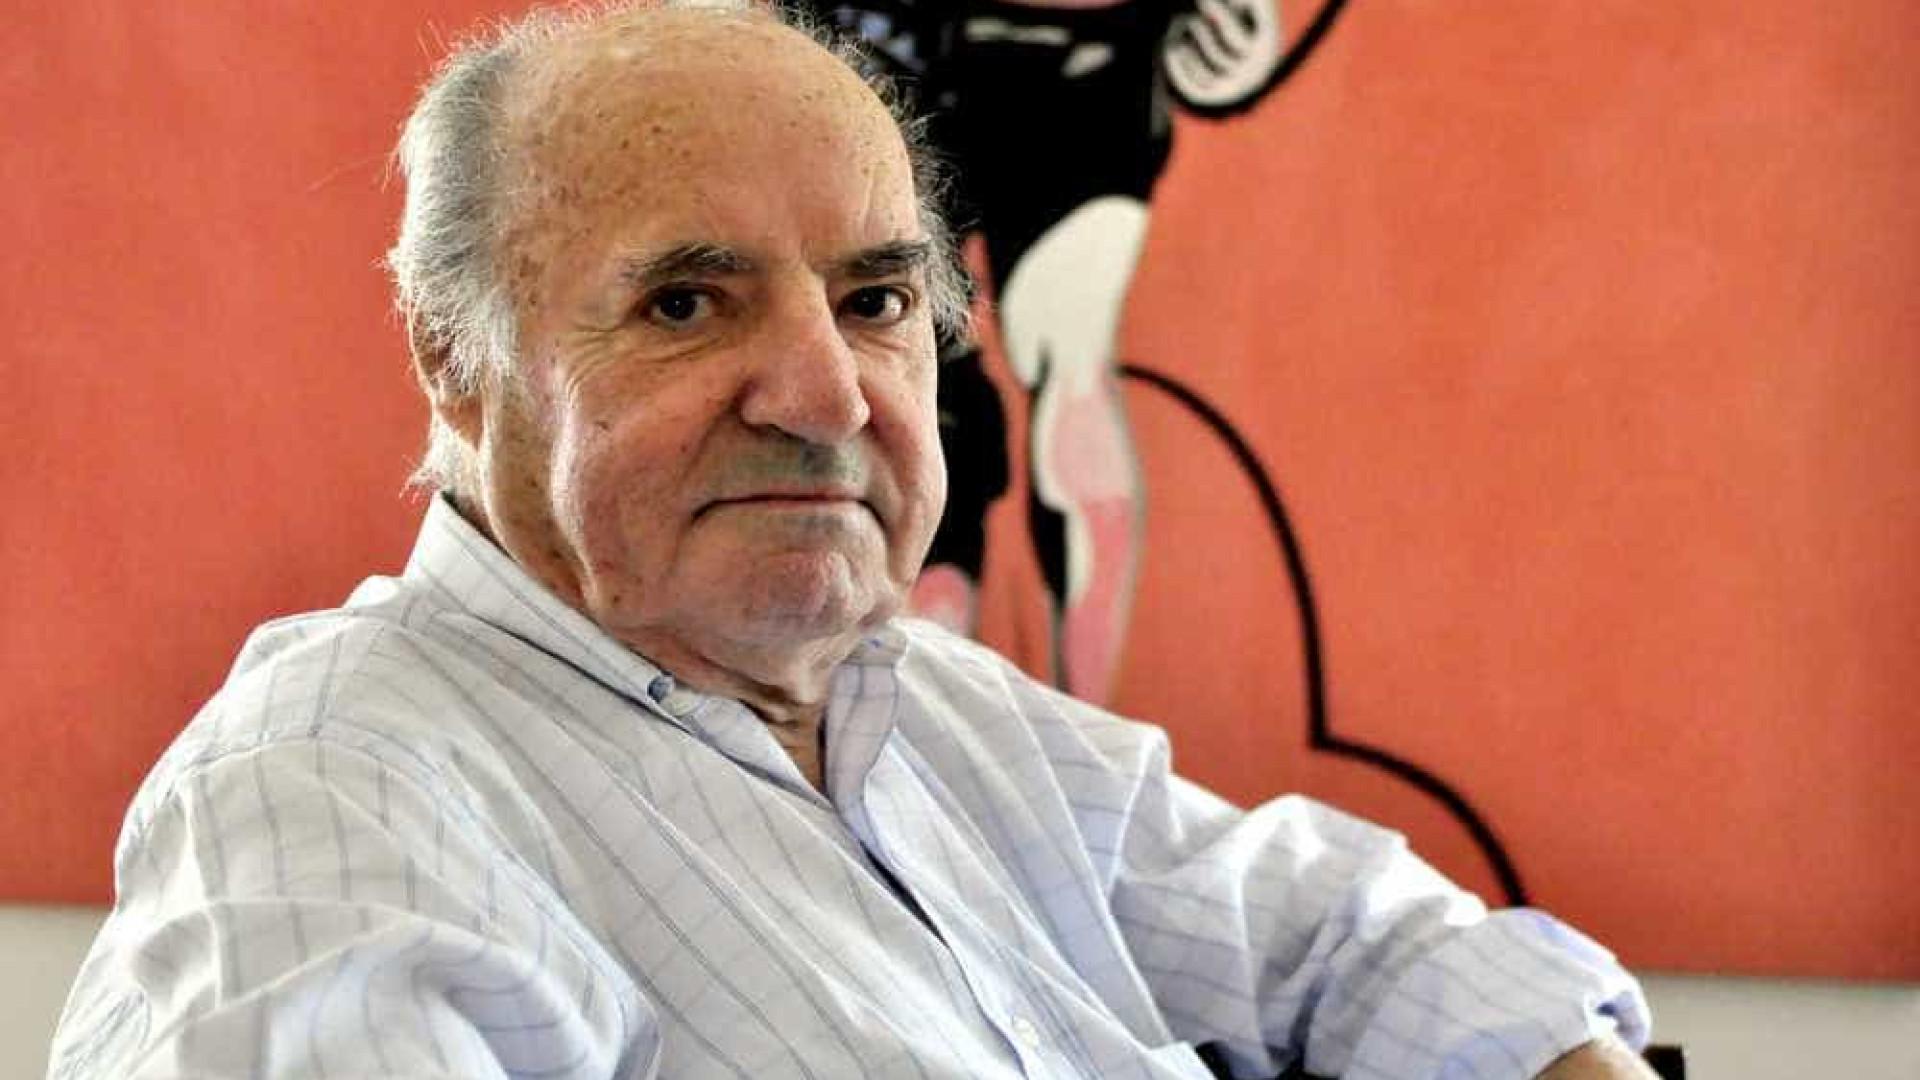 Morre João Sattamini, um dos mais importantes colecionadores do país